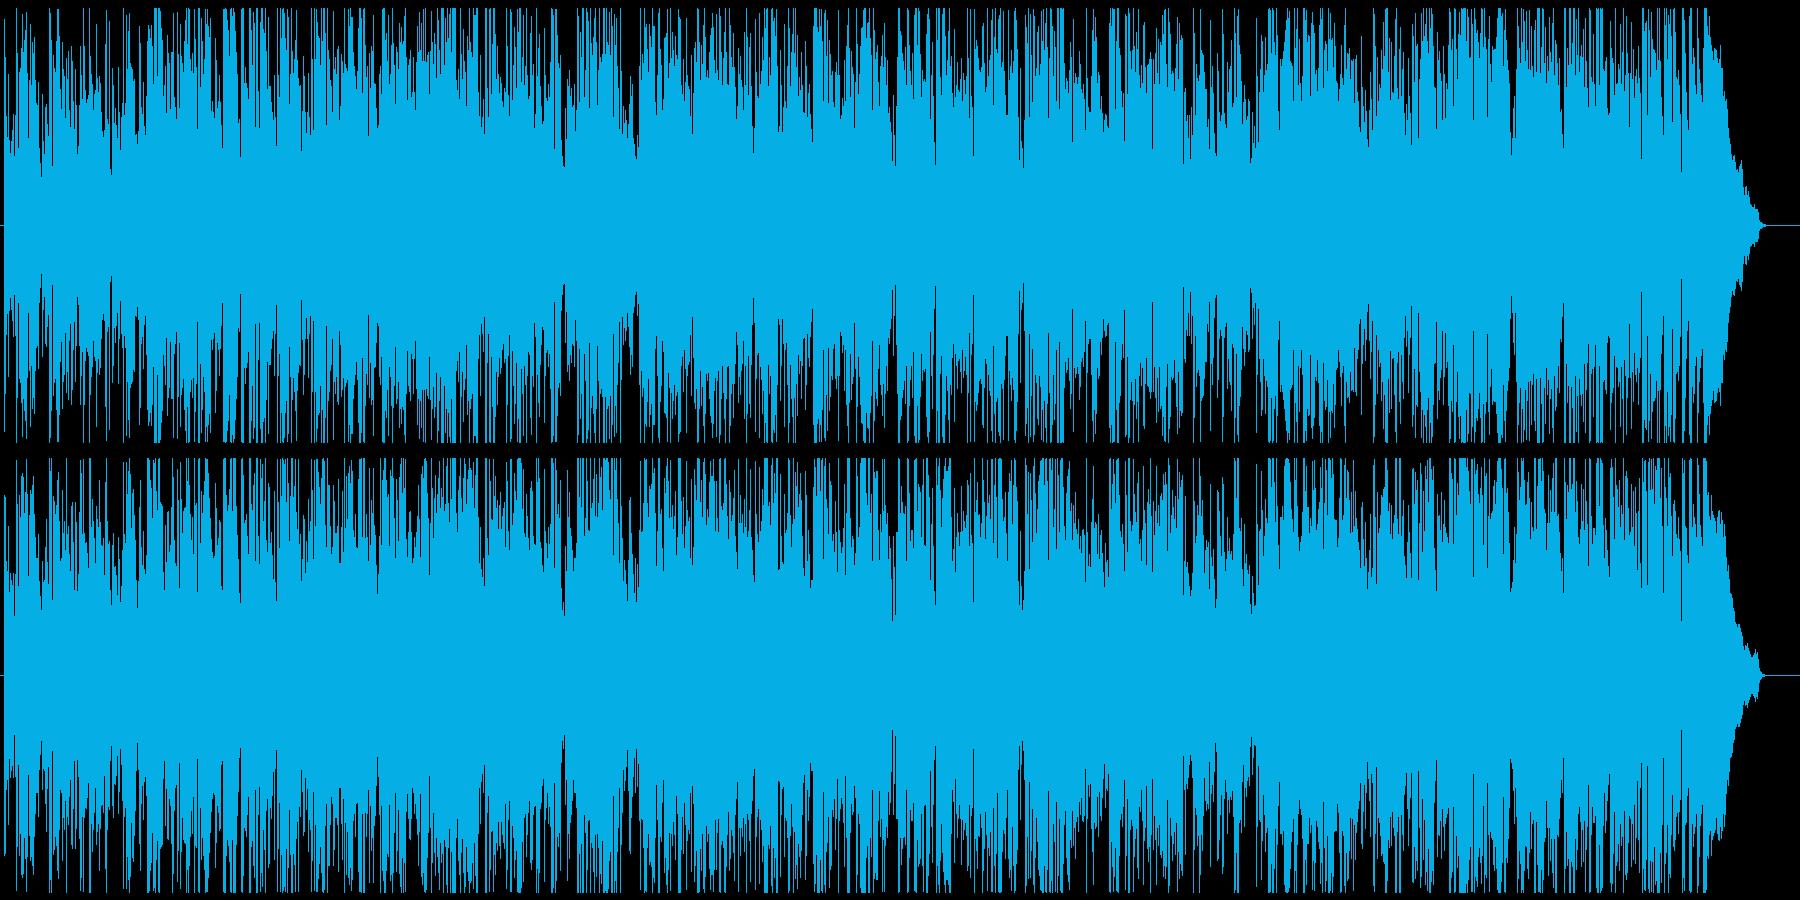 ジャズ 早めのスイング サックス生演奏の再生済みの波形